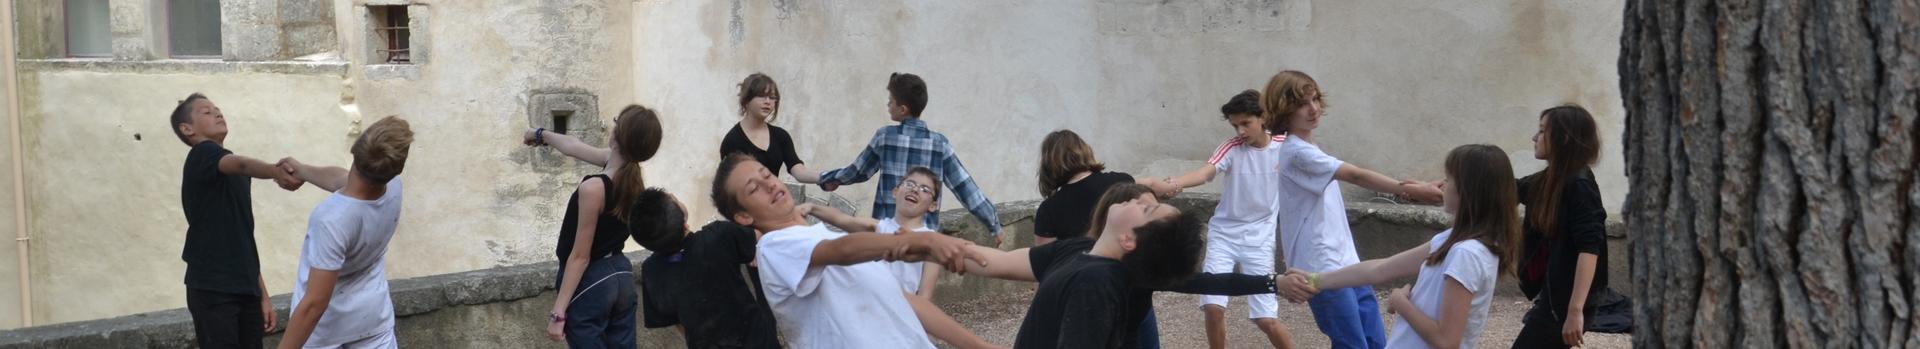 Présentation de l'action éducative avec le Parc sous forme de spectacle dansé - Classe de 5ème - photo PNRL Julien Briand